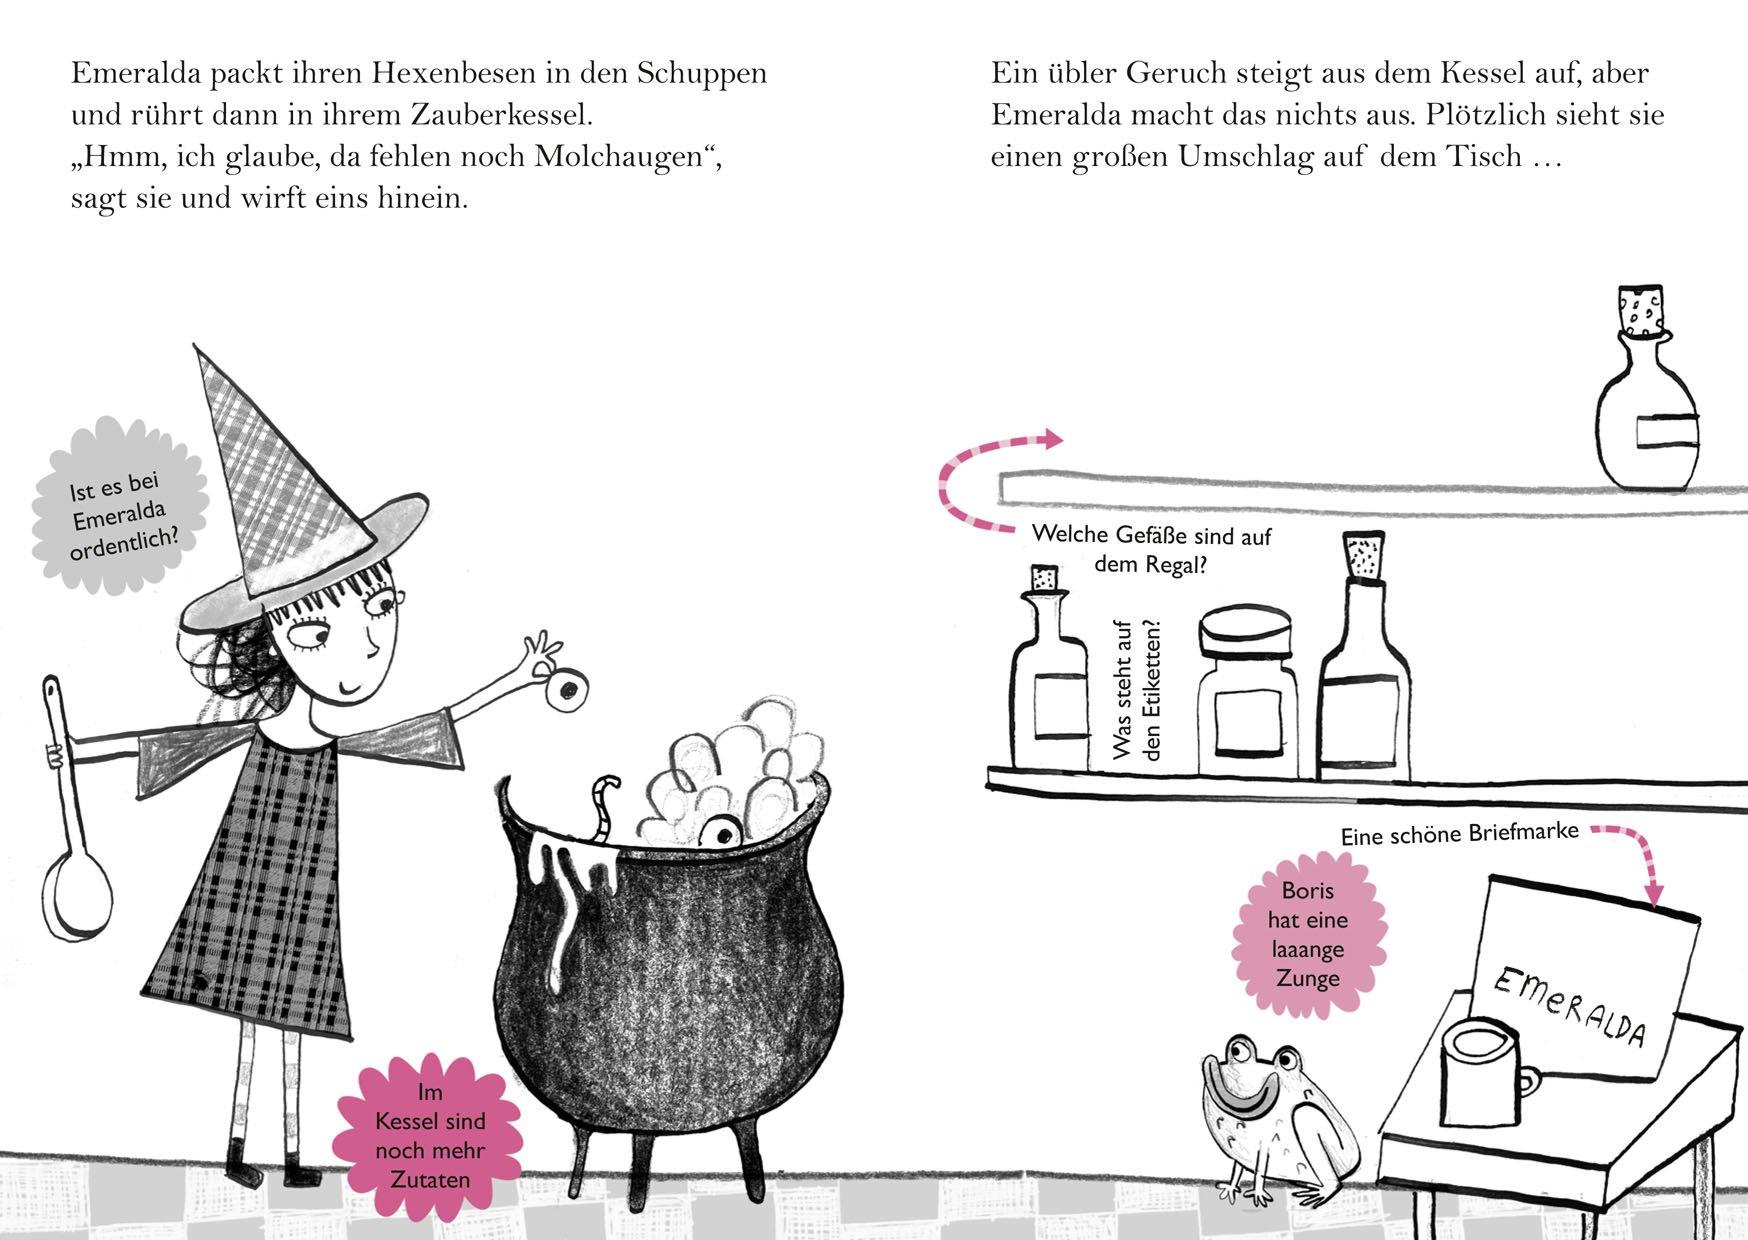 Ungewöhnlich Kessel Macht Galerie - Der Schaltplan - greigo.com